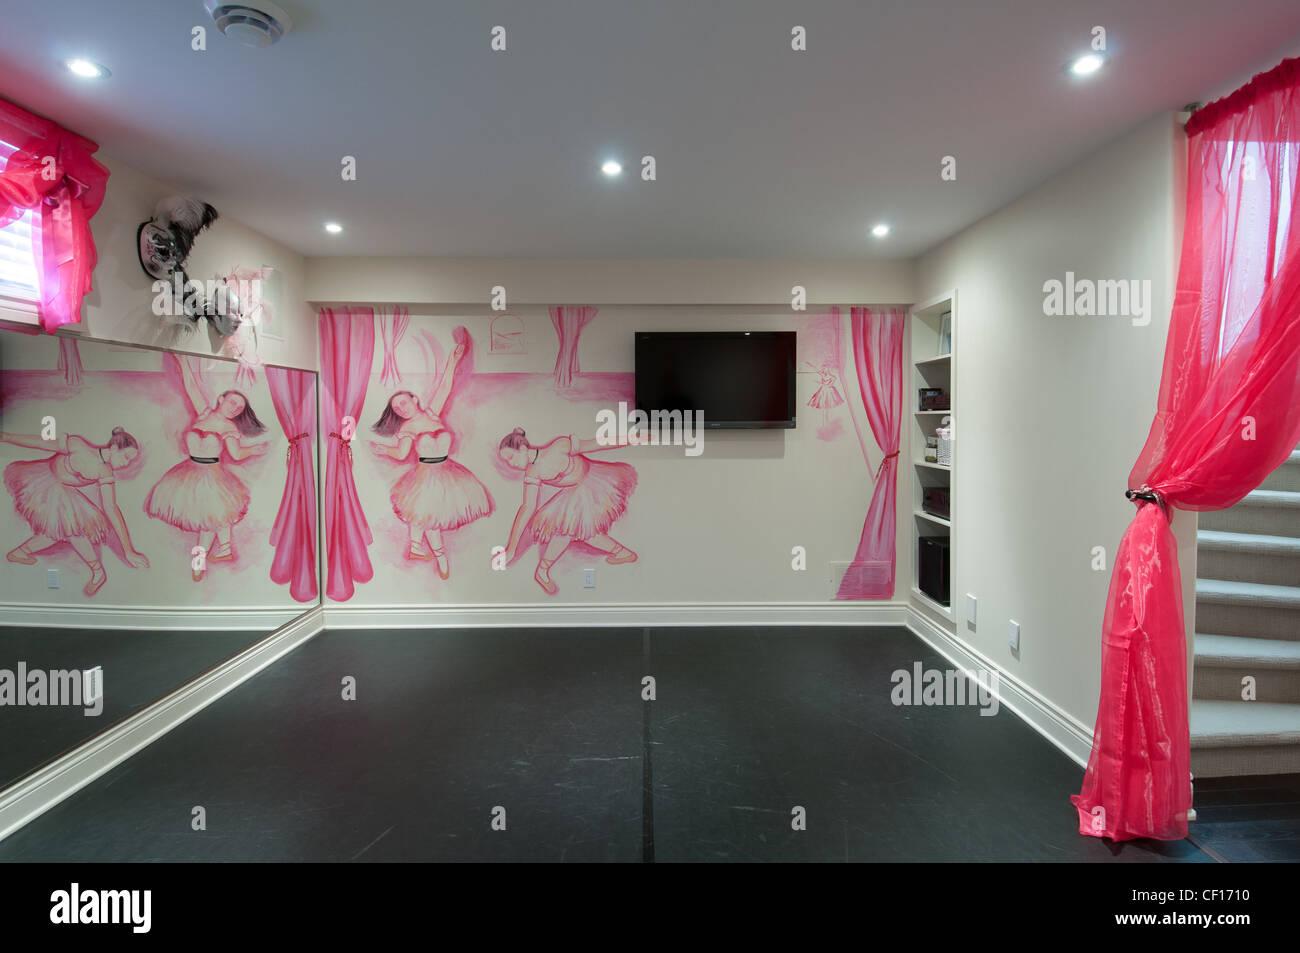 Residential Dance Room Decor